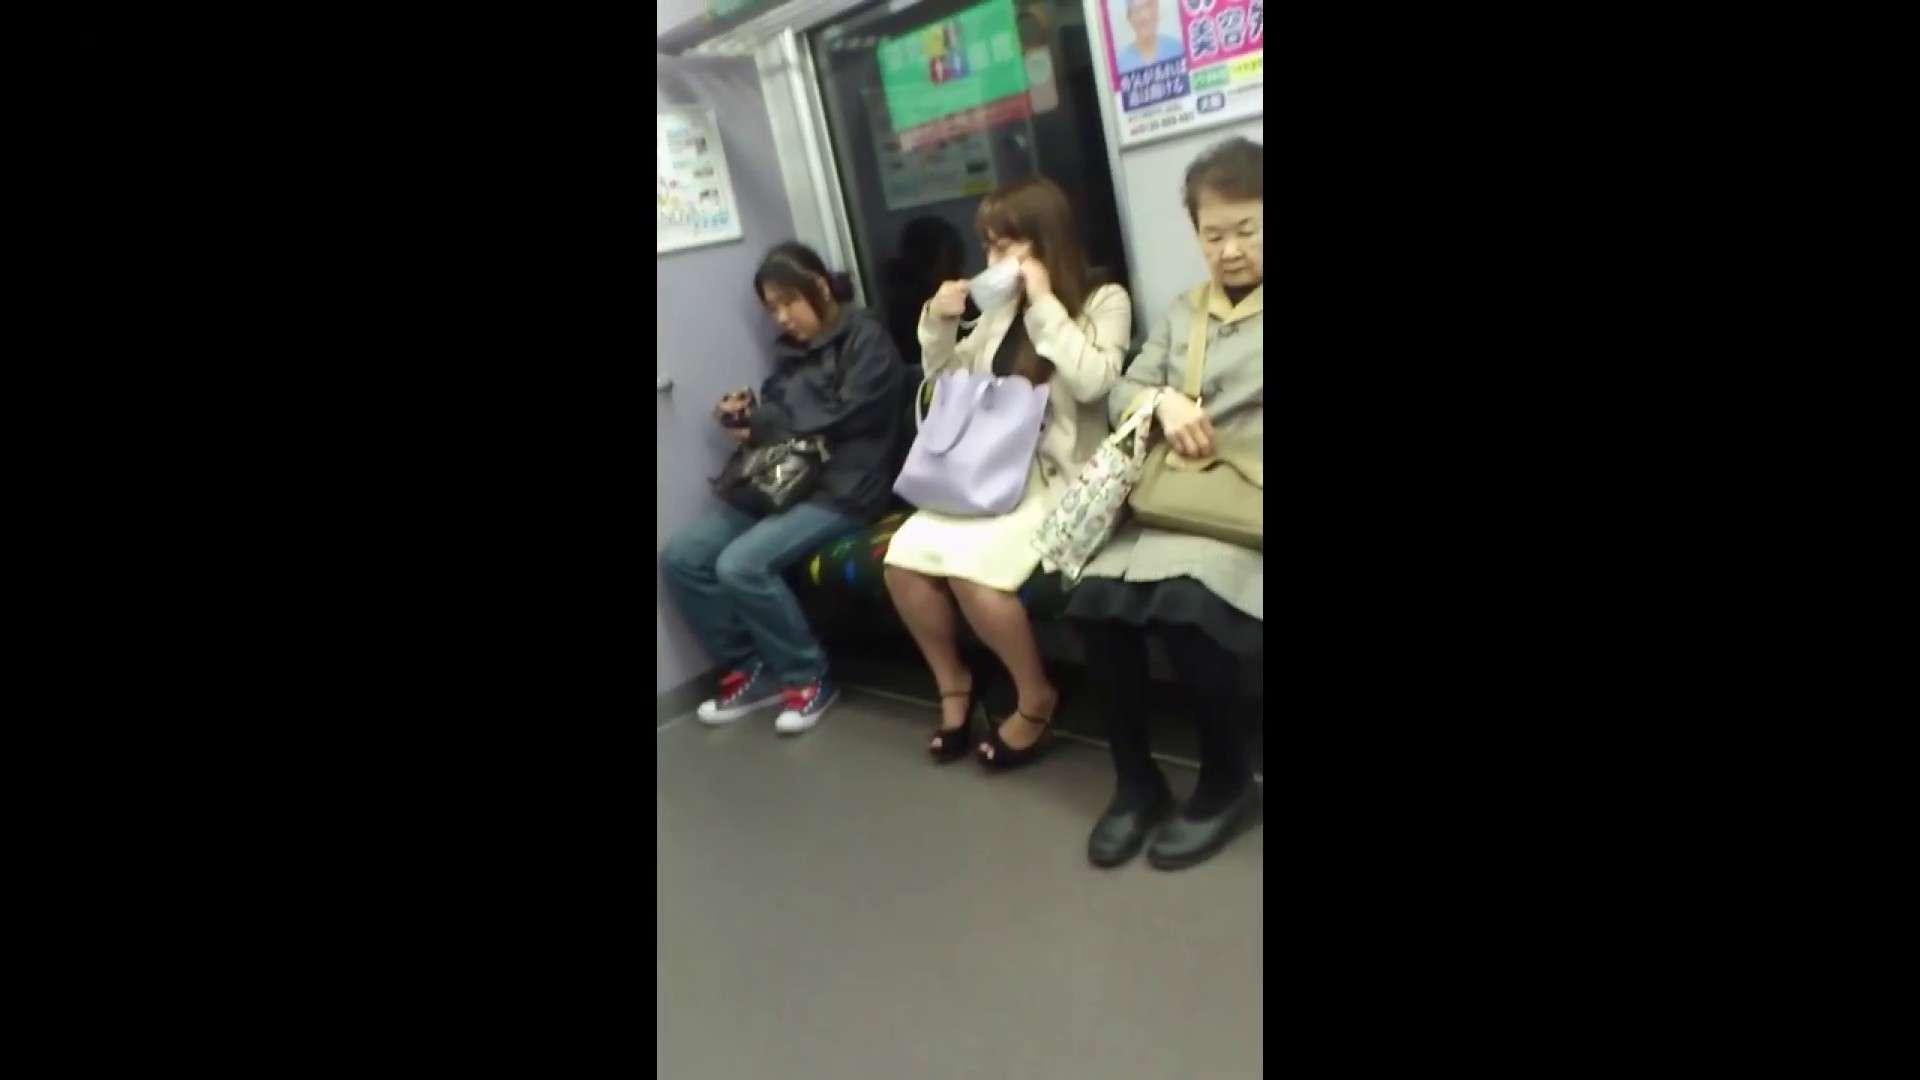 盗撮列車 Vol.55 黄色の爽やかなスカートが大好きです。 むっちりガール | 車で・・・  89枚 43